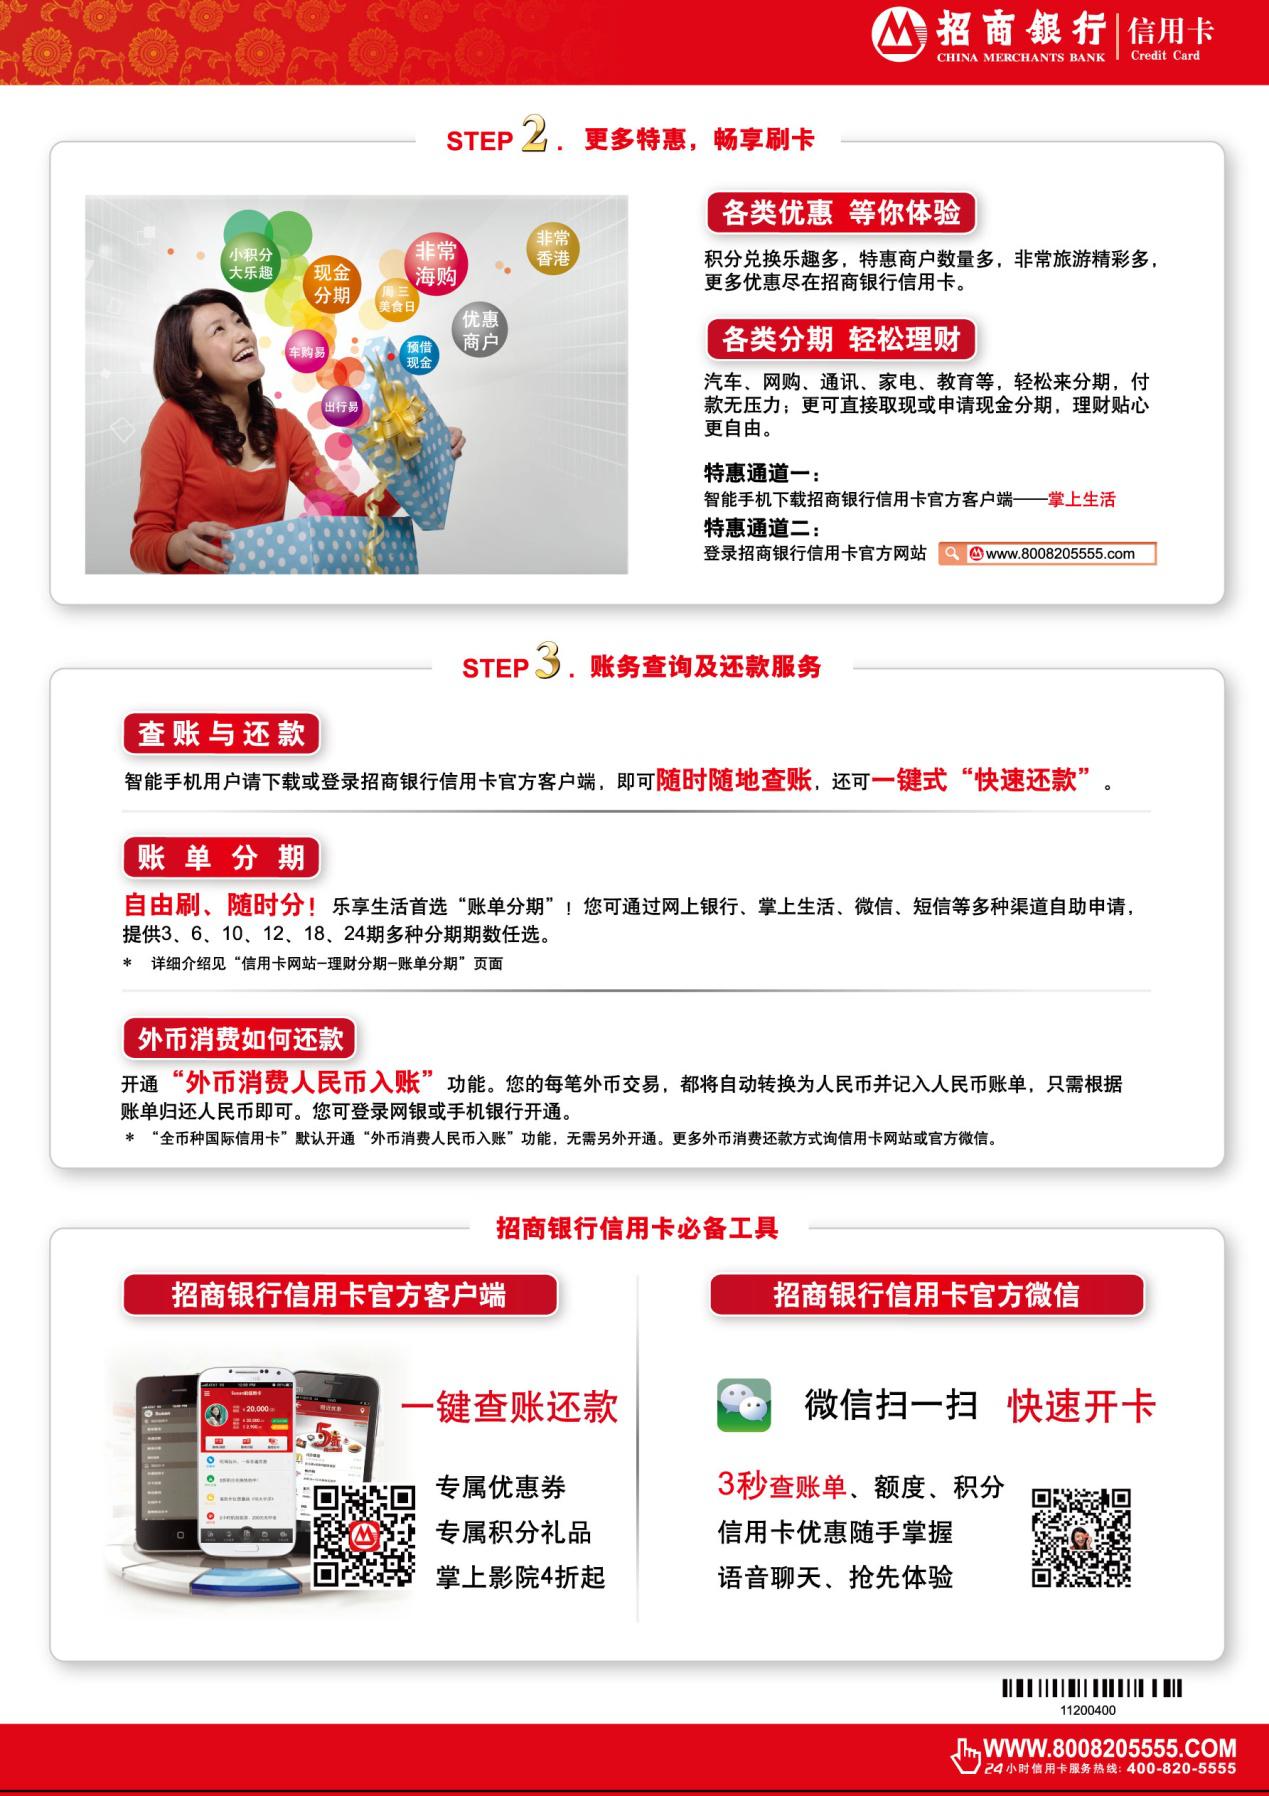 印刷设计_电脑联单其他商业印刷加工-上海储贤印务科技有限公司